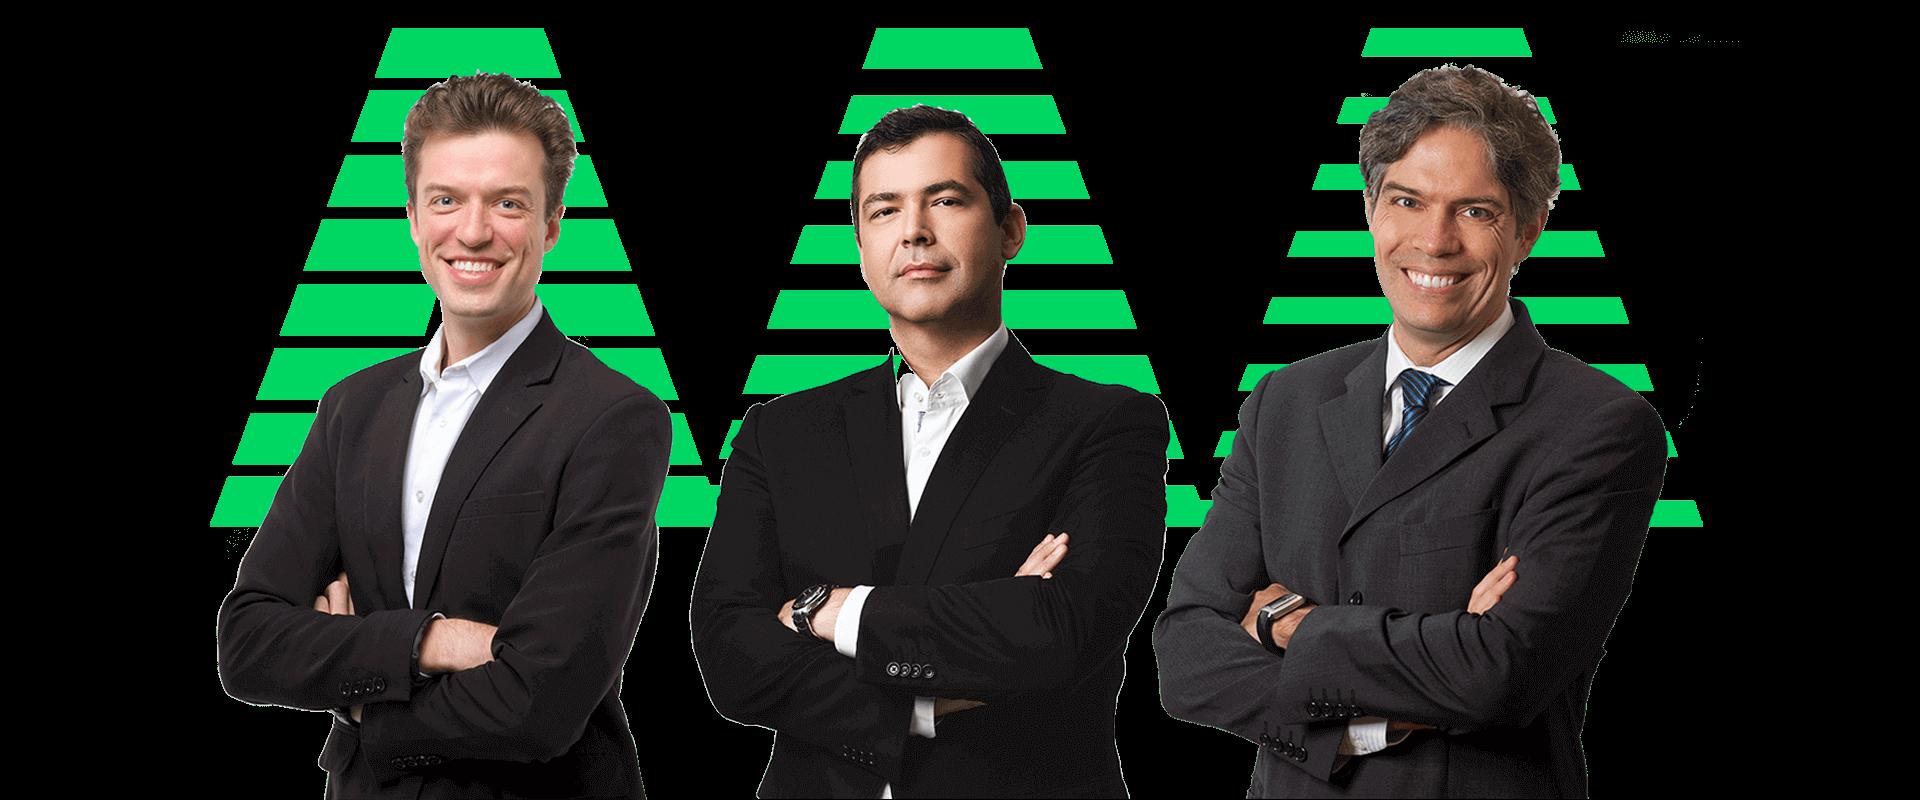 AAA Inovação levará conteúdo sobre tecnologia e inovação ao Viasoft Connect